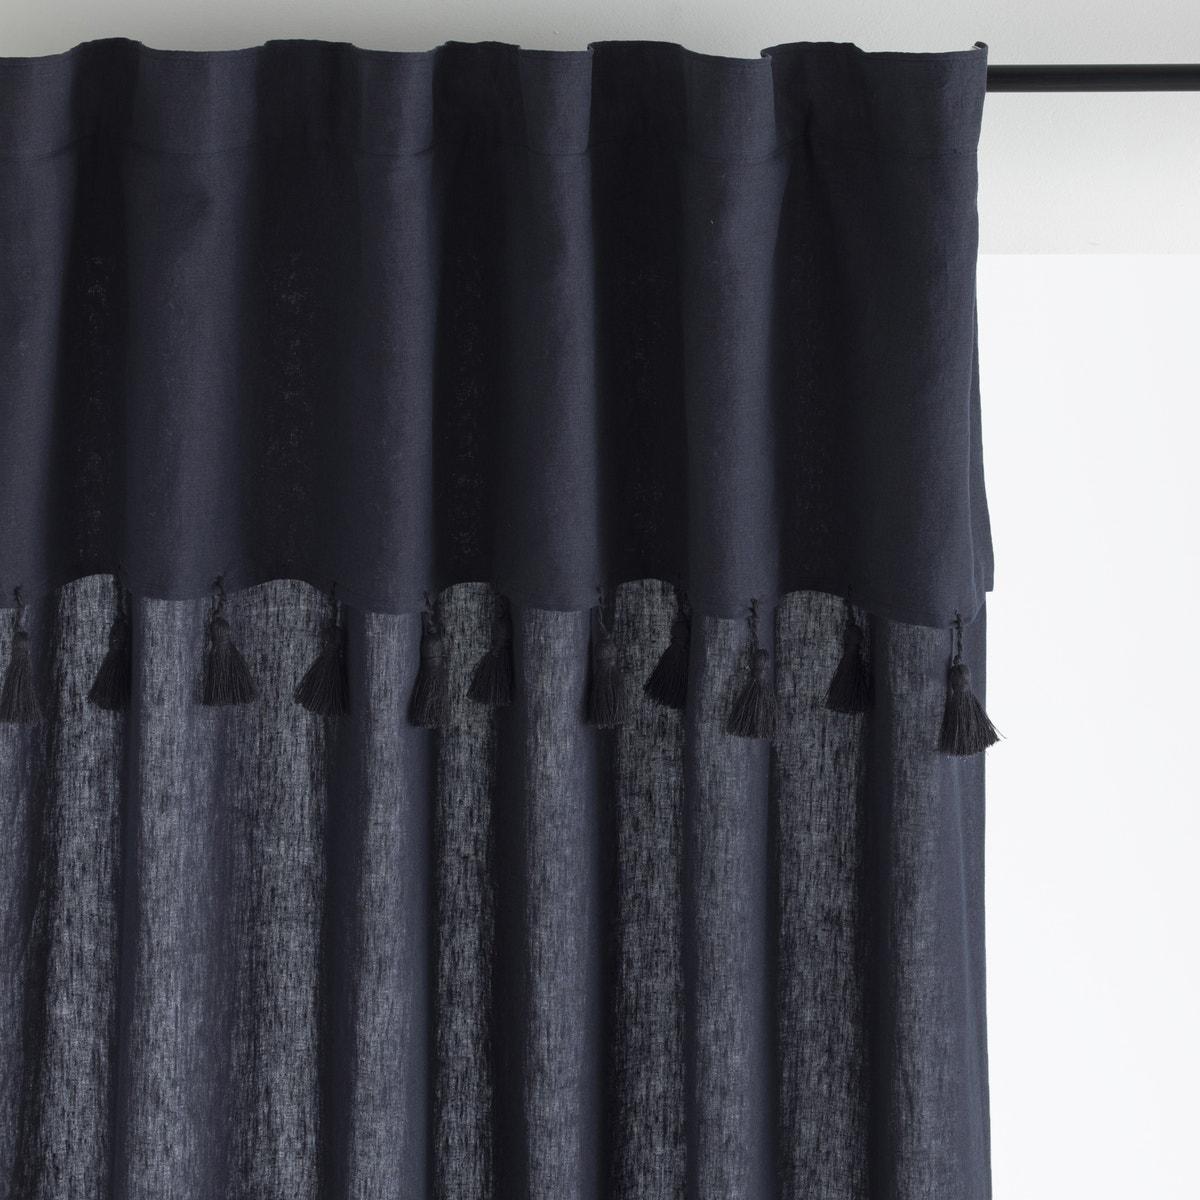 Ριντό από λινό Pimppola σπιτι   διακόσμηση   κουρτίνες ρόμαν